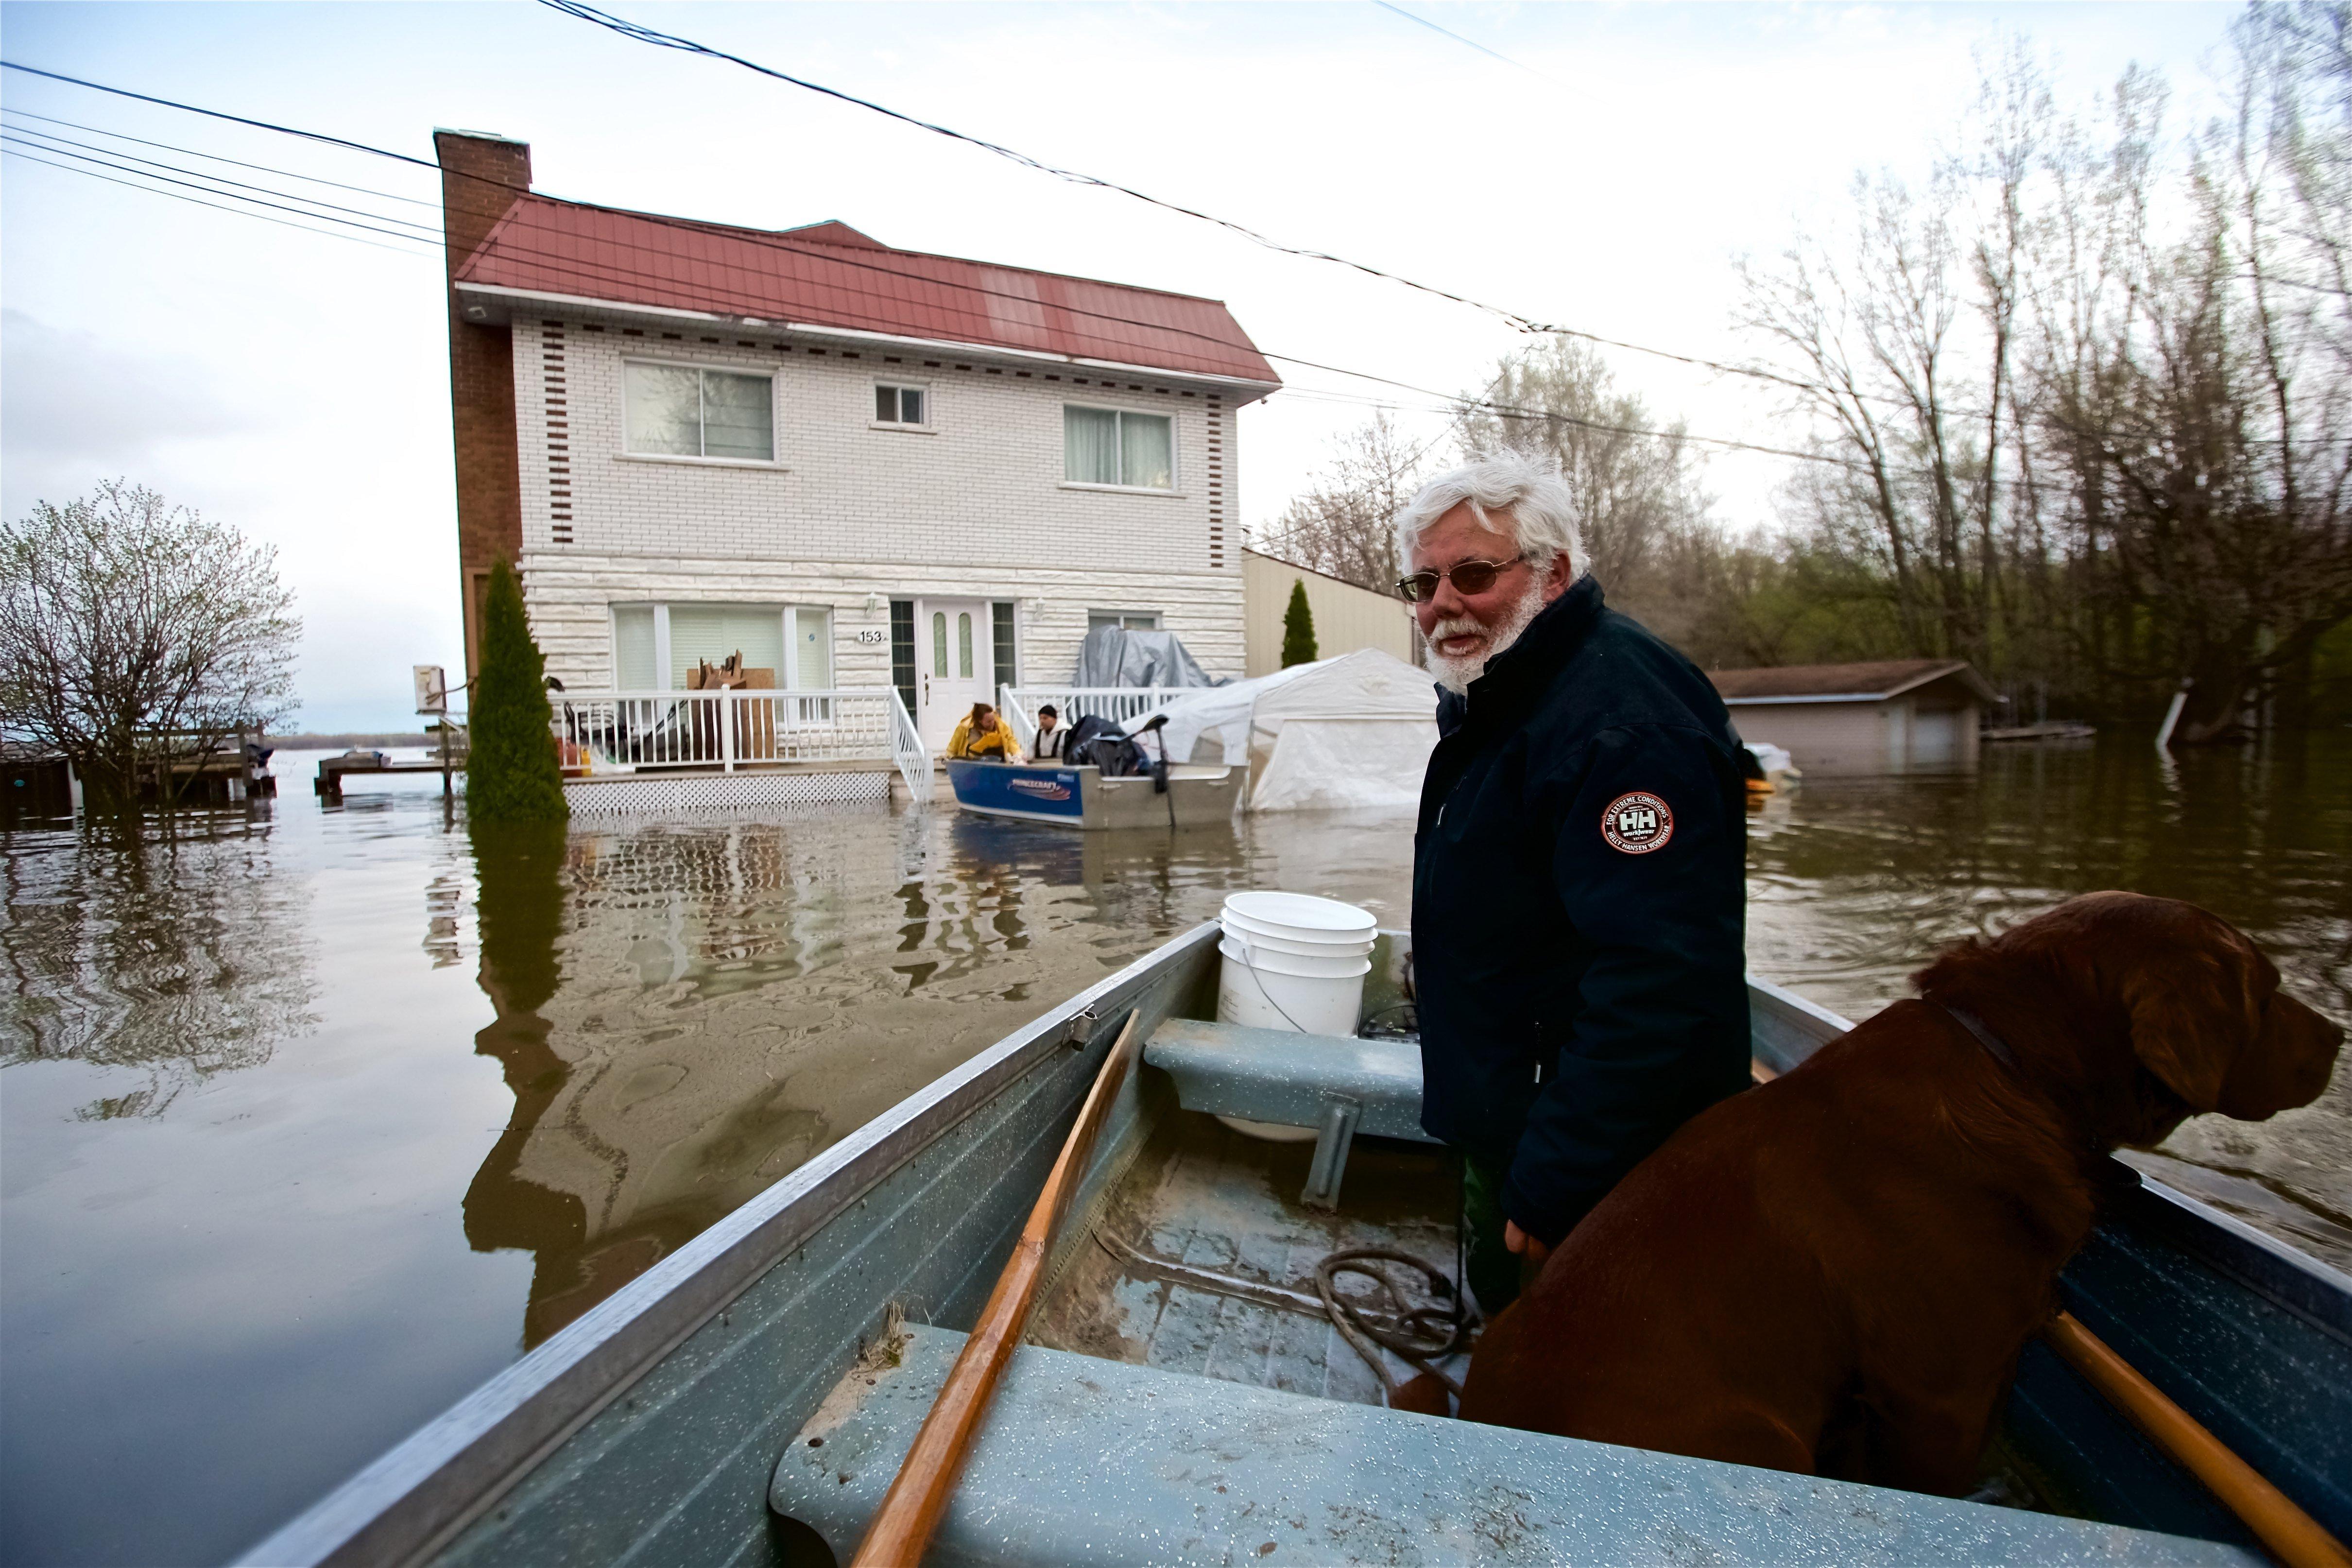 Michel Guerard i el seu ca Xoco tornen amb el seu vaixell per ajudar a evacuar les cases afectades per les inundacions, que han afectat més de 1.500 persones a Quebec (Canadà).  /VALERIE BLUM